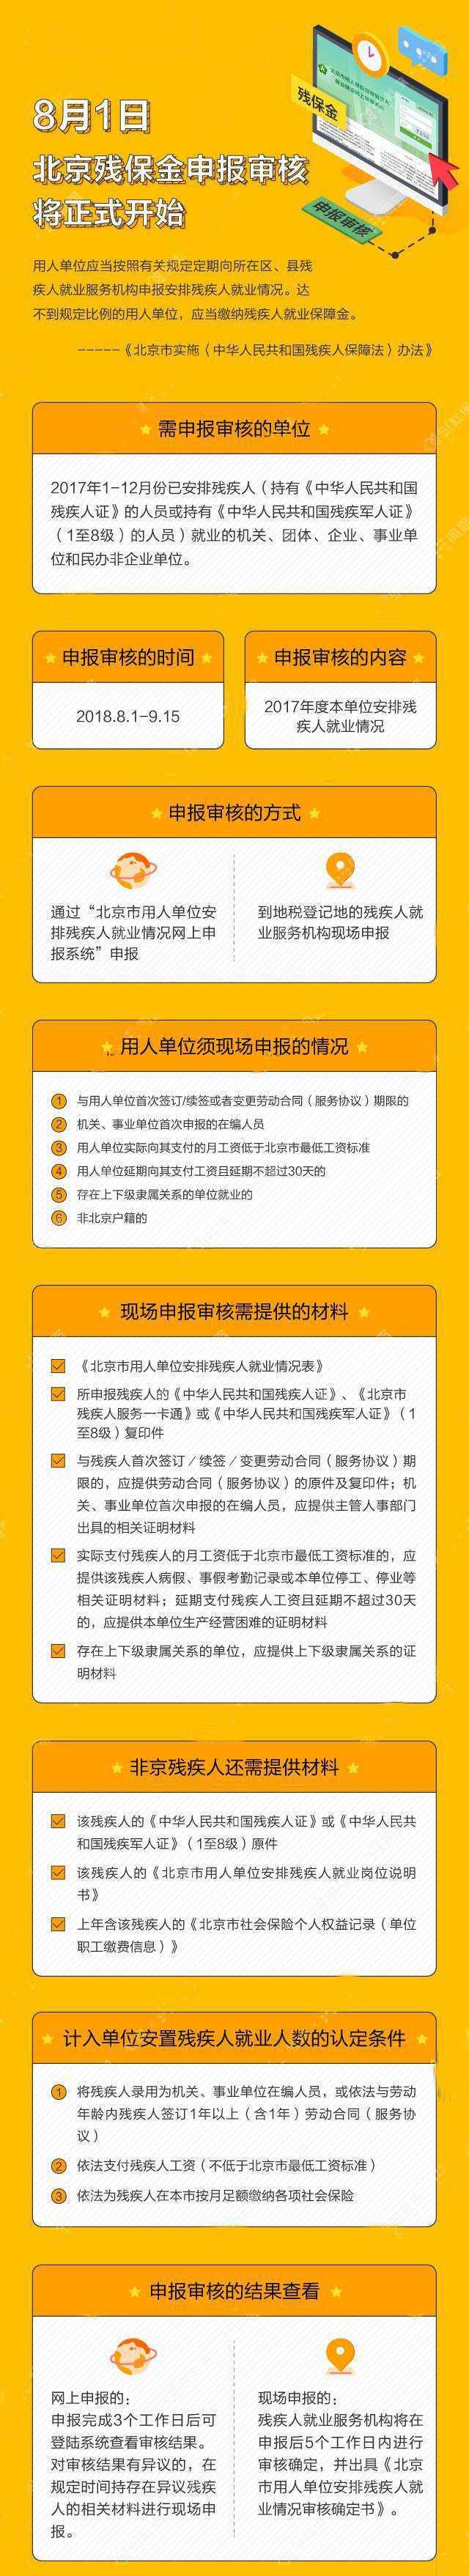 2018年北京残保金最新政策下发,新规摸不透?详细解读来了!插图